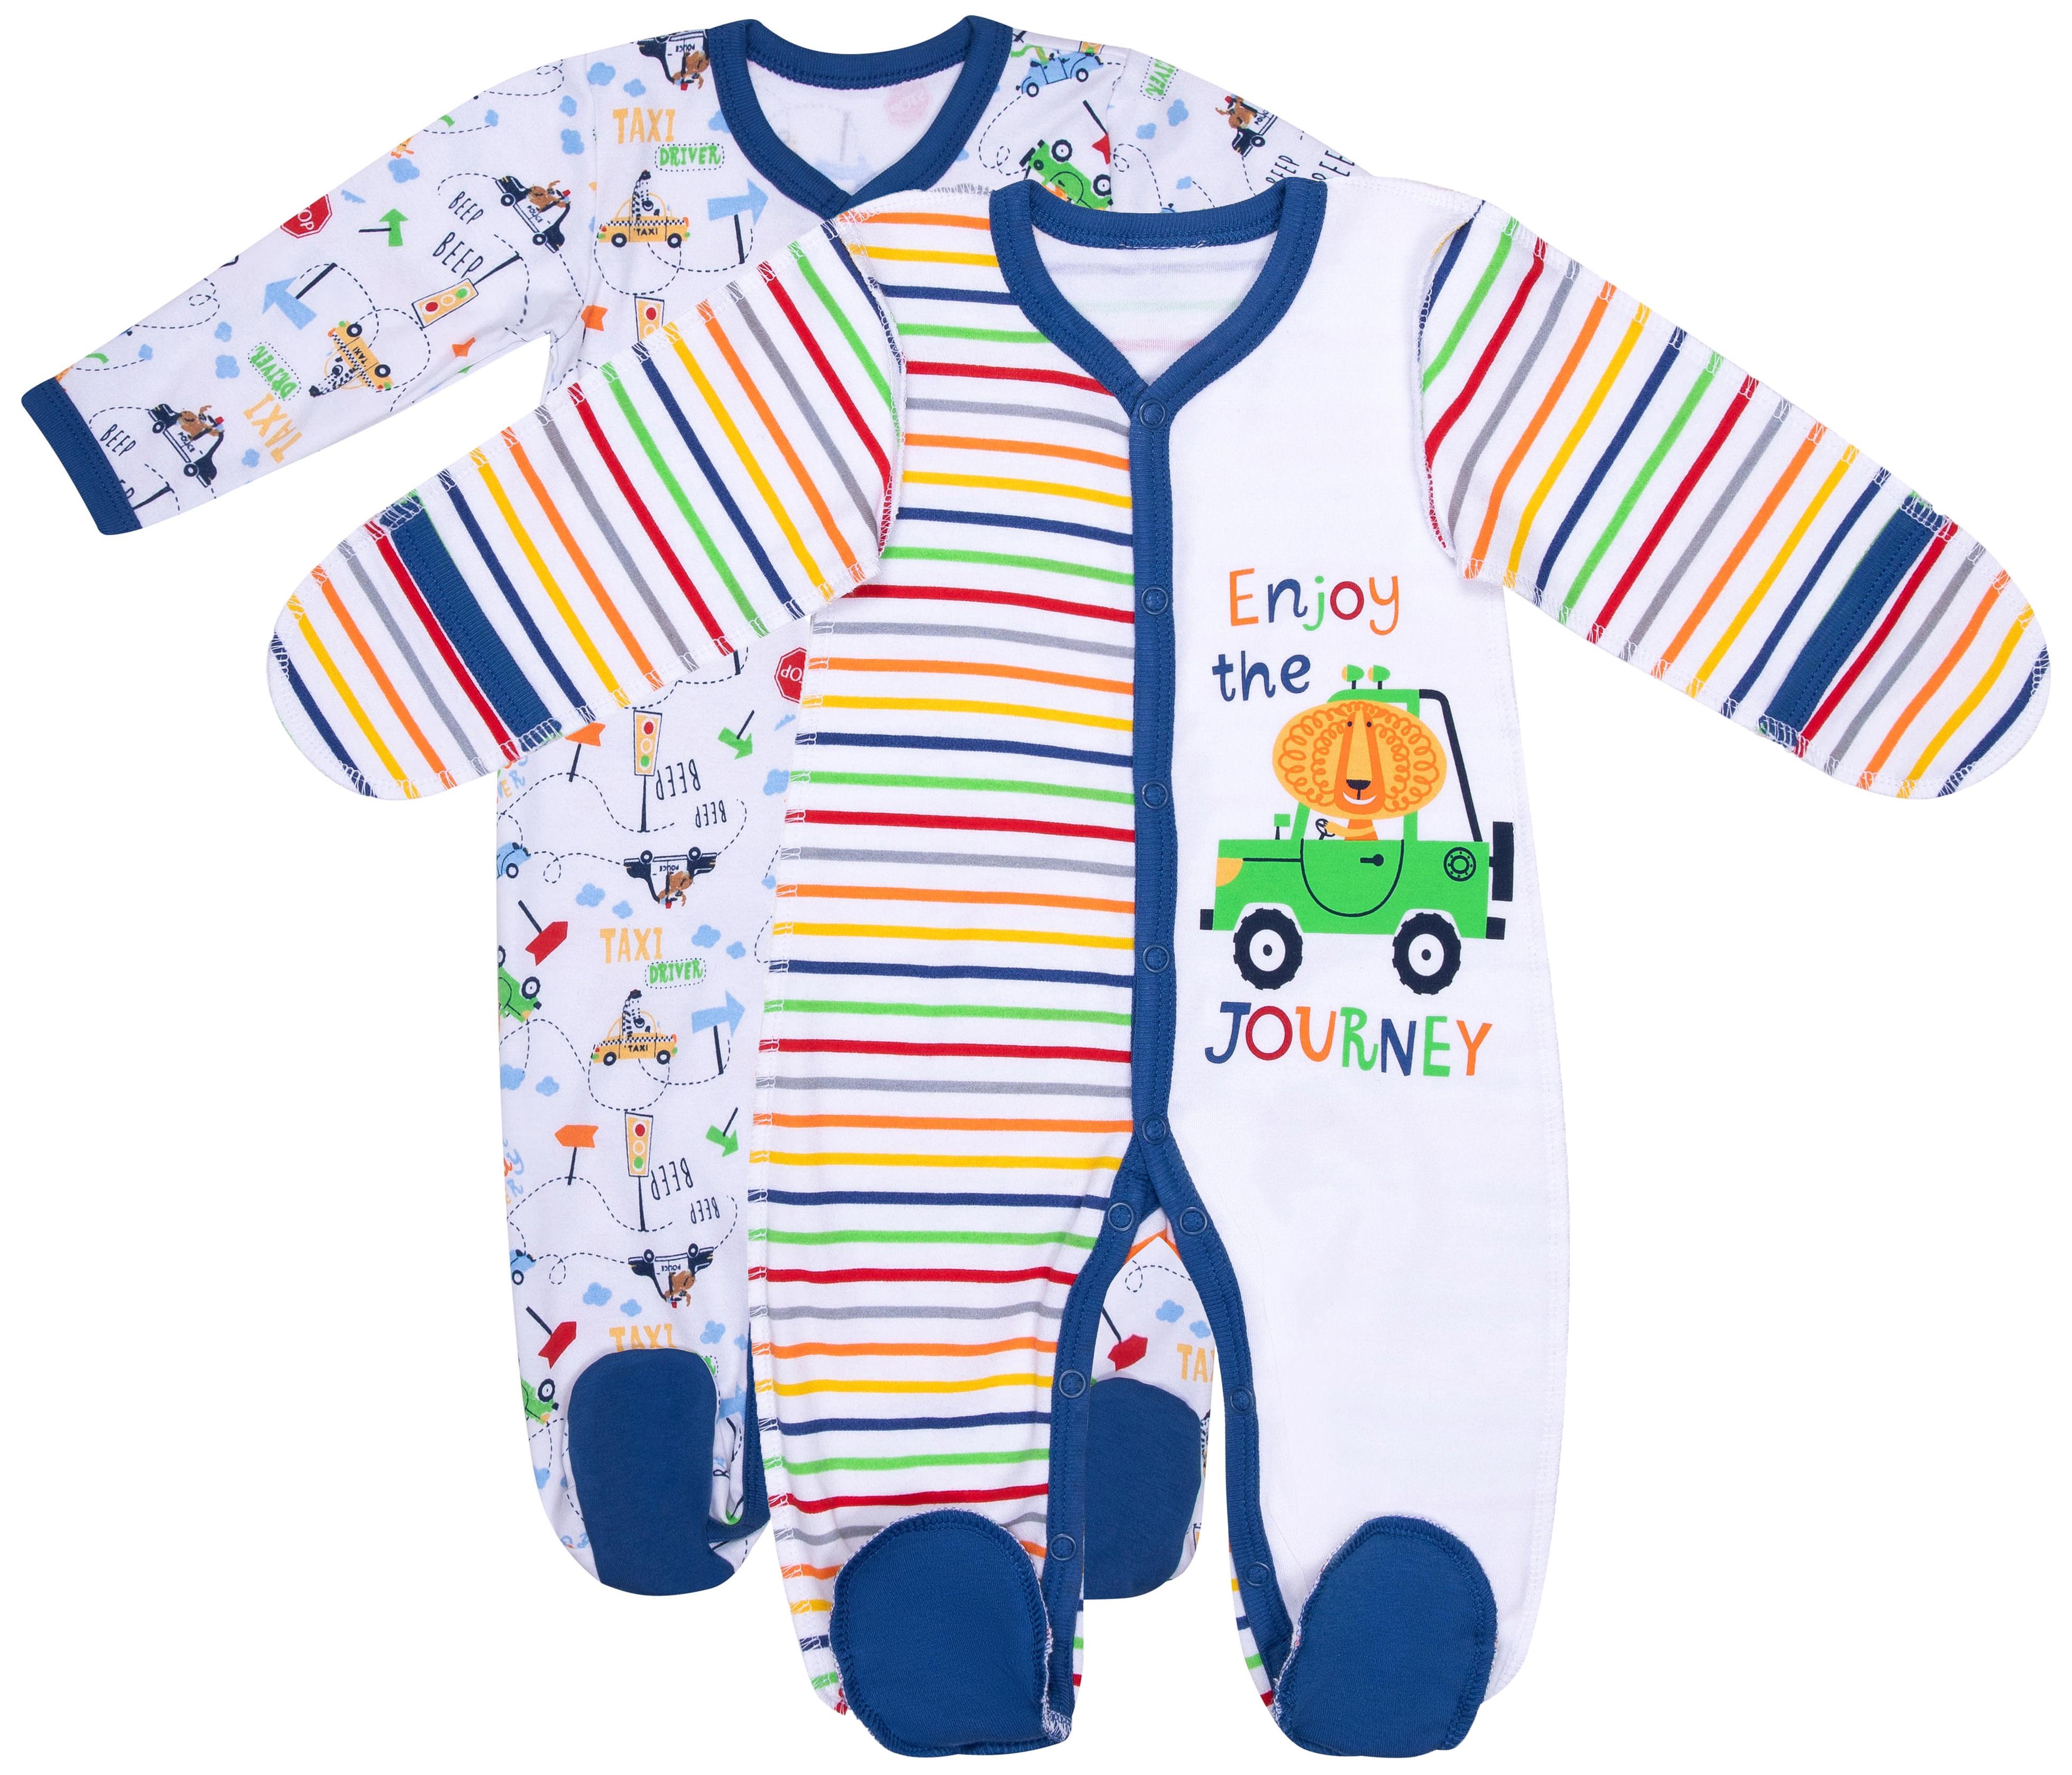 Купить Первые вещи новорожденного, Зверята белый/синий, Barkito, Россия